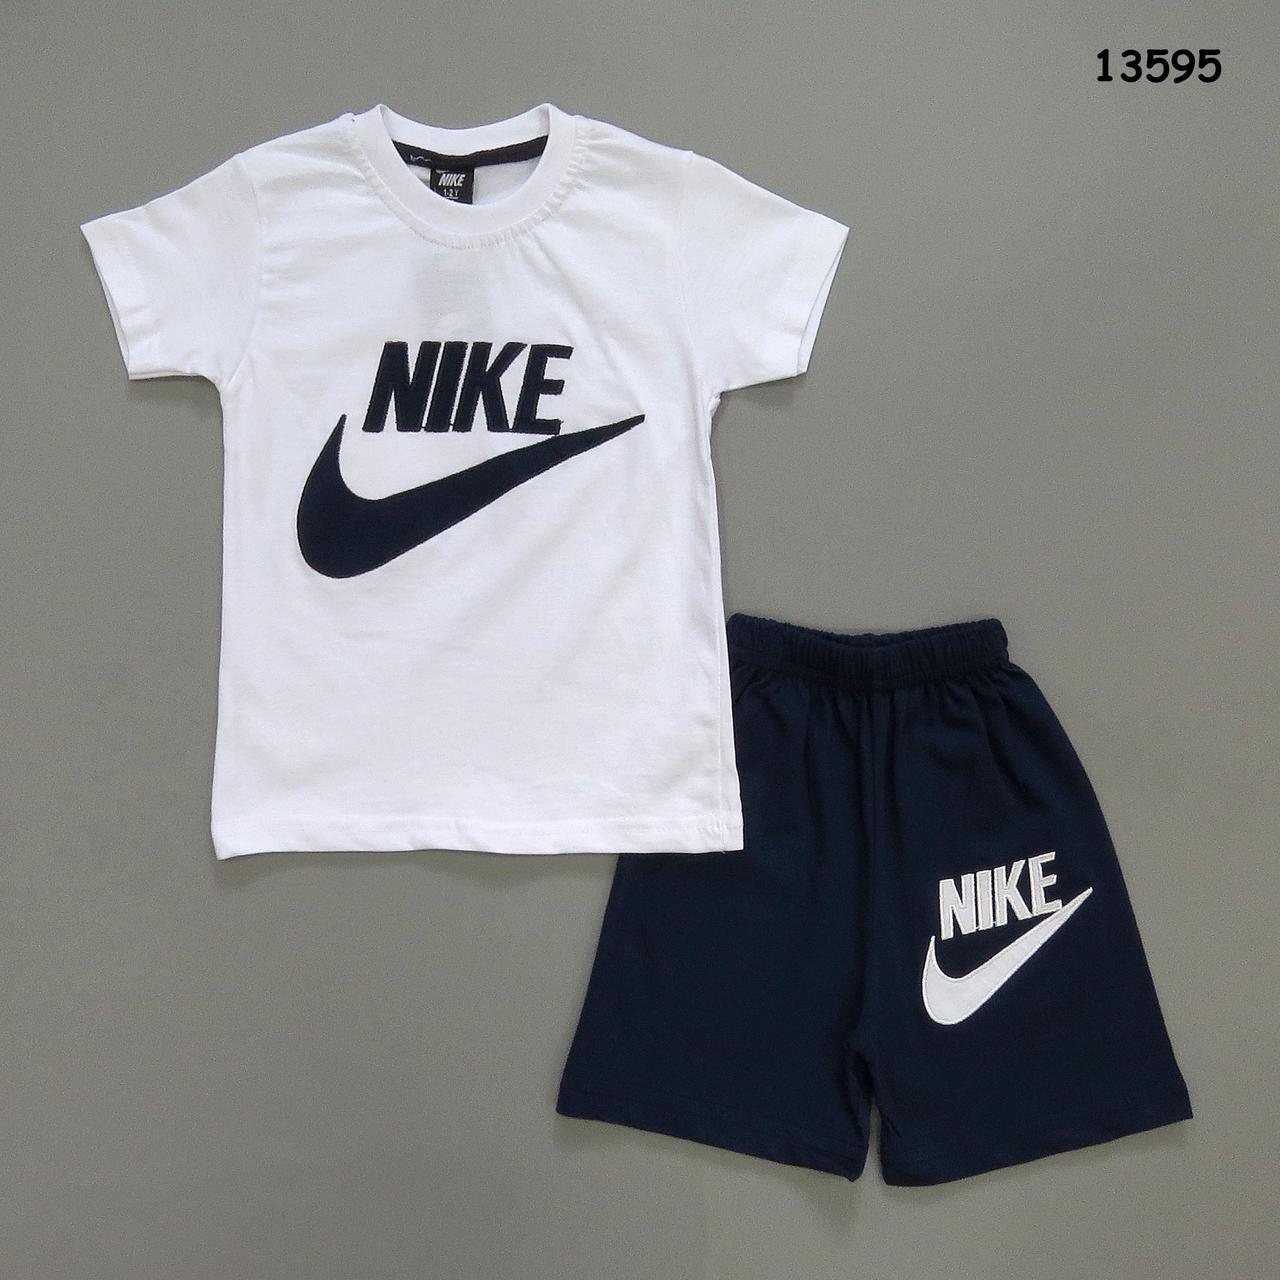 5b2b0046 Летний костюм Nike для мальчика. 4-5; 6-7 лет, цена 157,80 грн ...